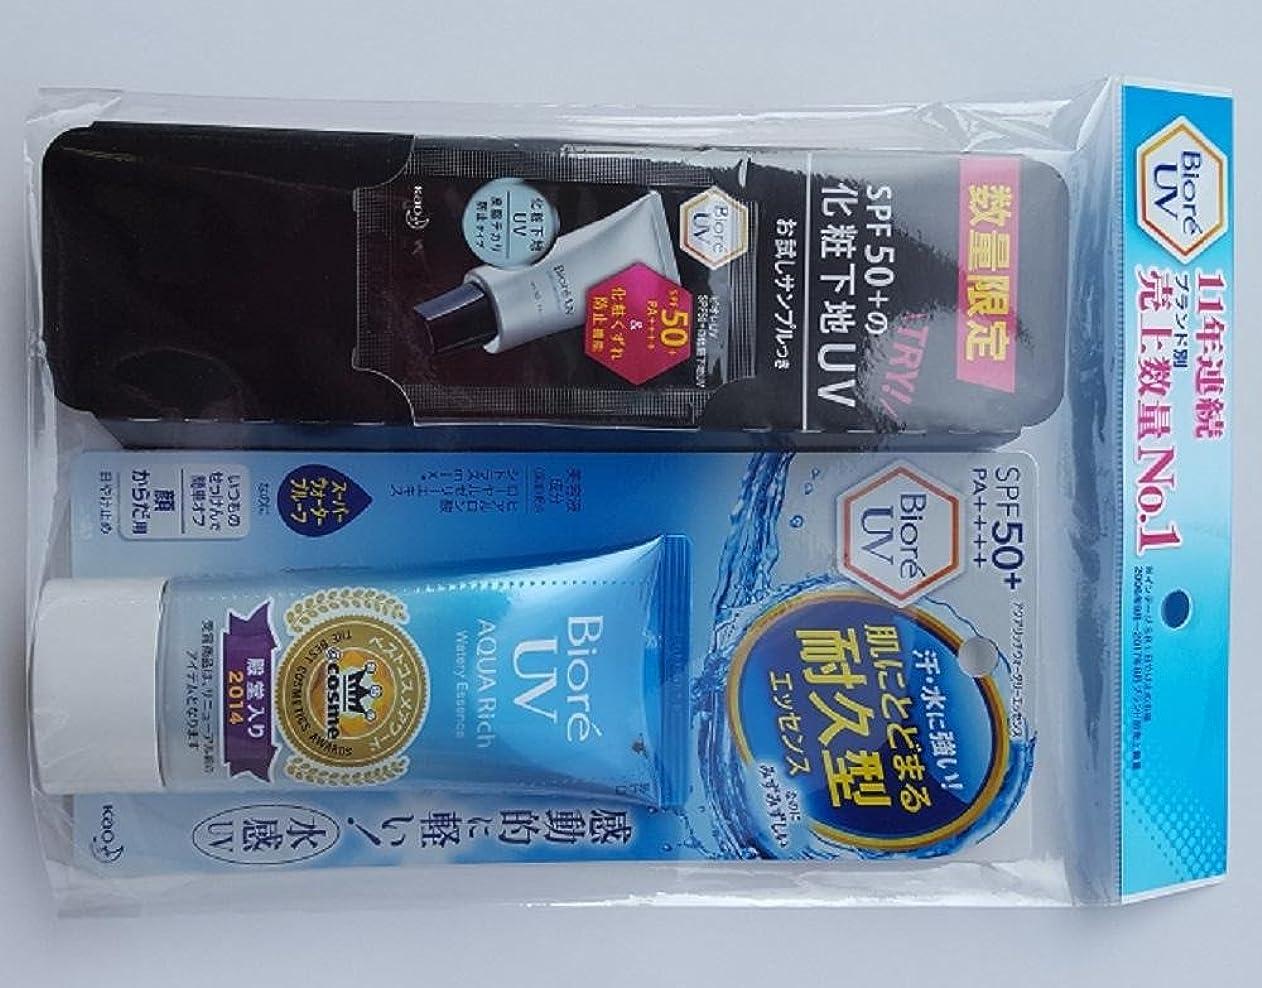 アンプタップ年次ビオレ UV アクアリッチ ウォータリーエッセンス SPF50+/PA++++ 50g +ビオレ UV 化粧下地UV 皮脂テカリ防止(試供品)1回分付き